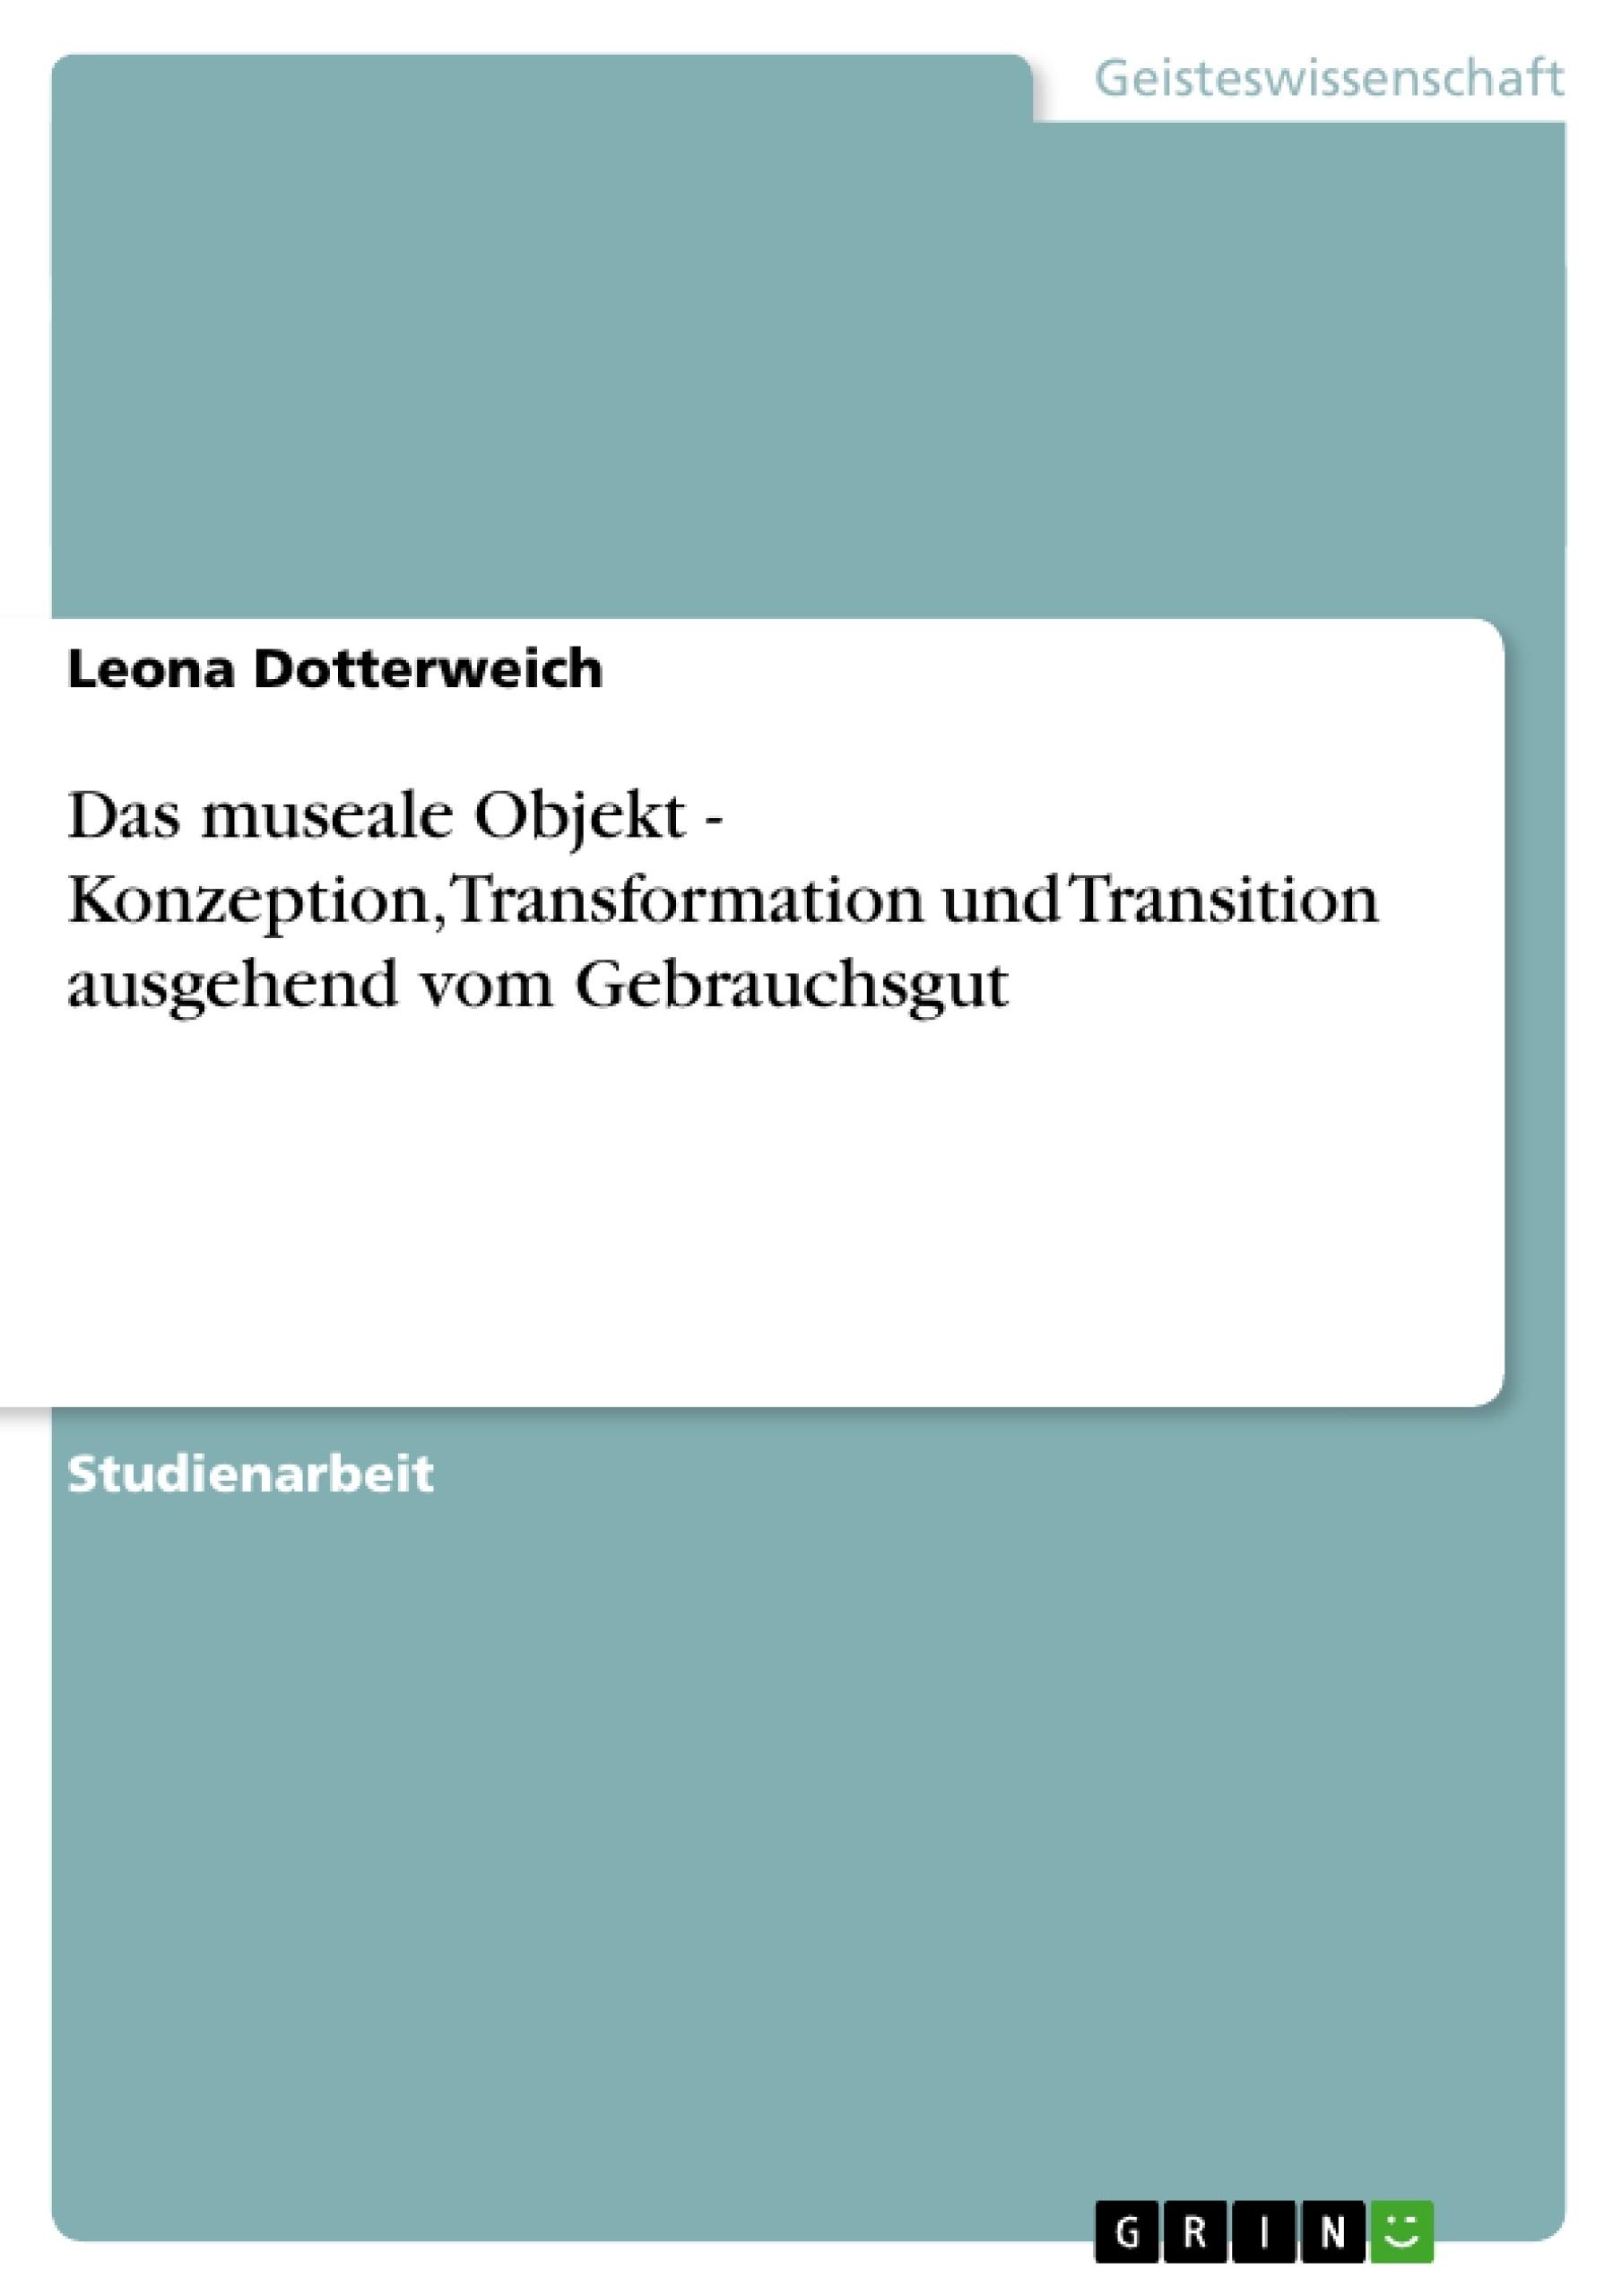 Titel: Das museale Objekt - Konzeption,Transformation und Transition ausgehend vom Gebrauchsgut